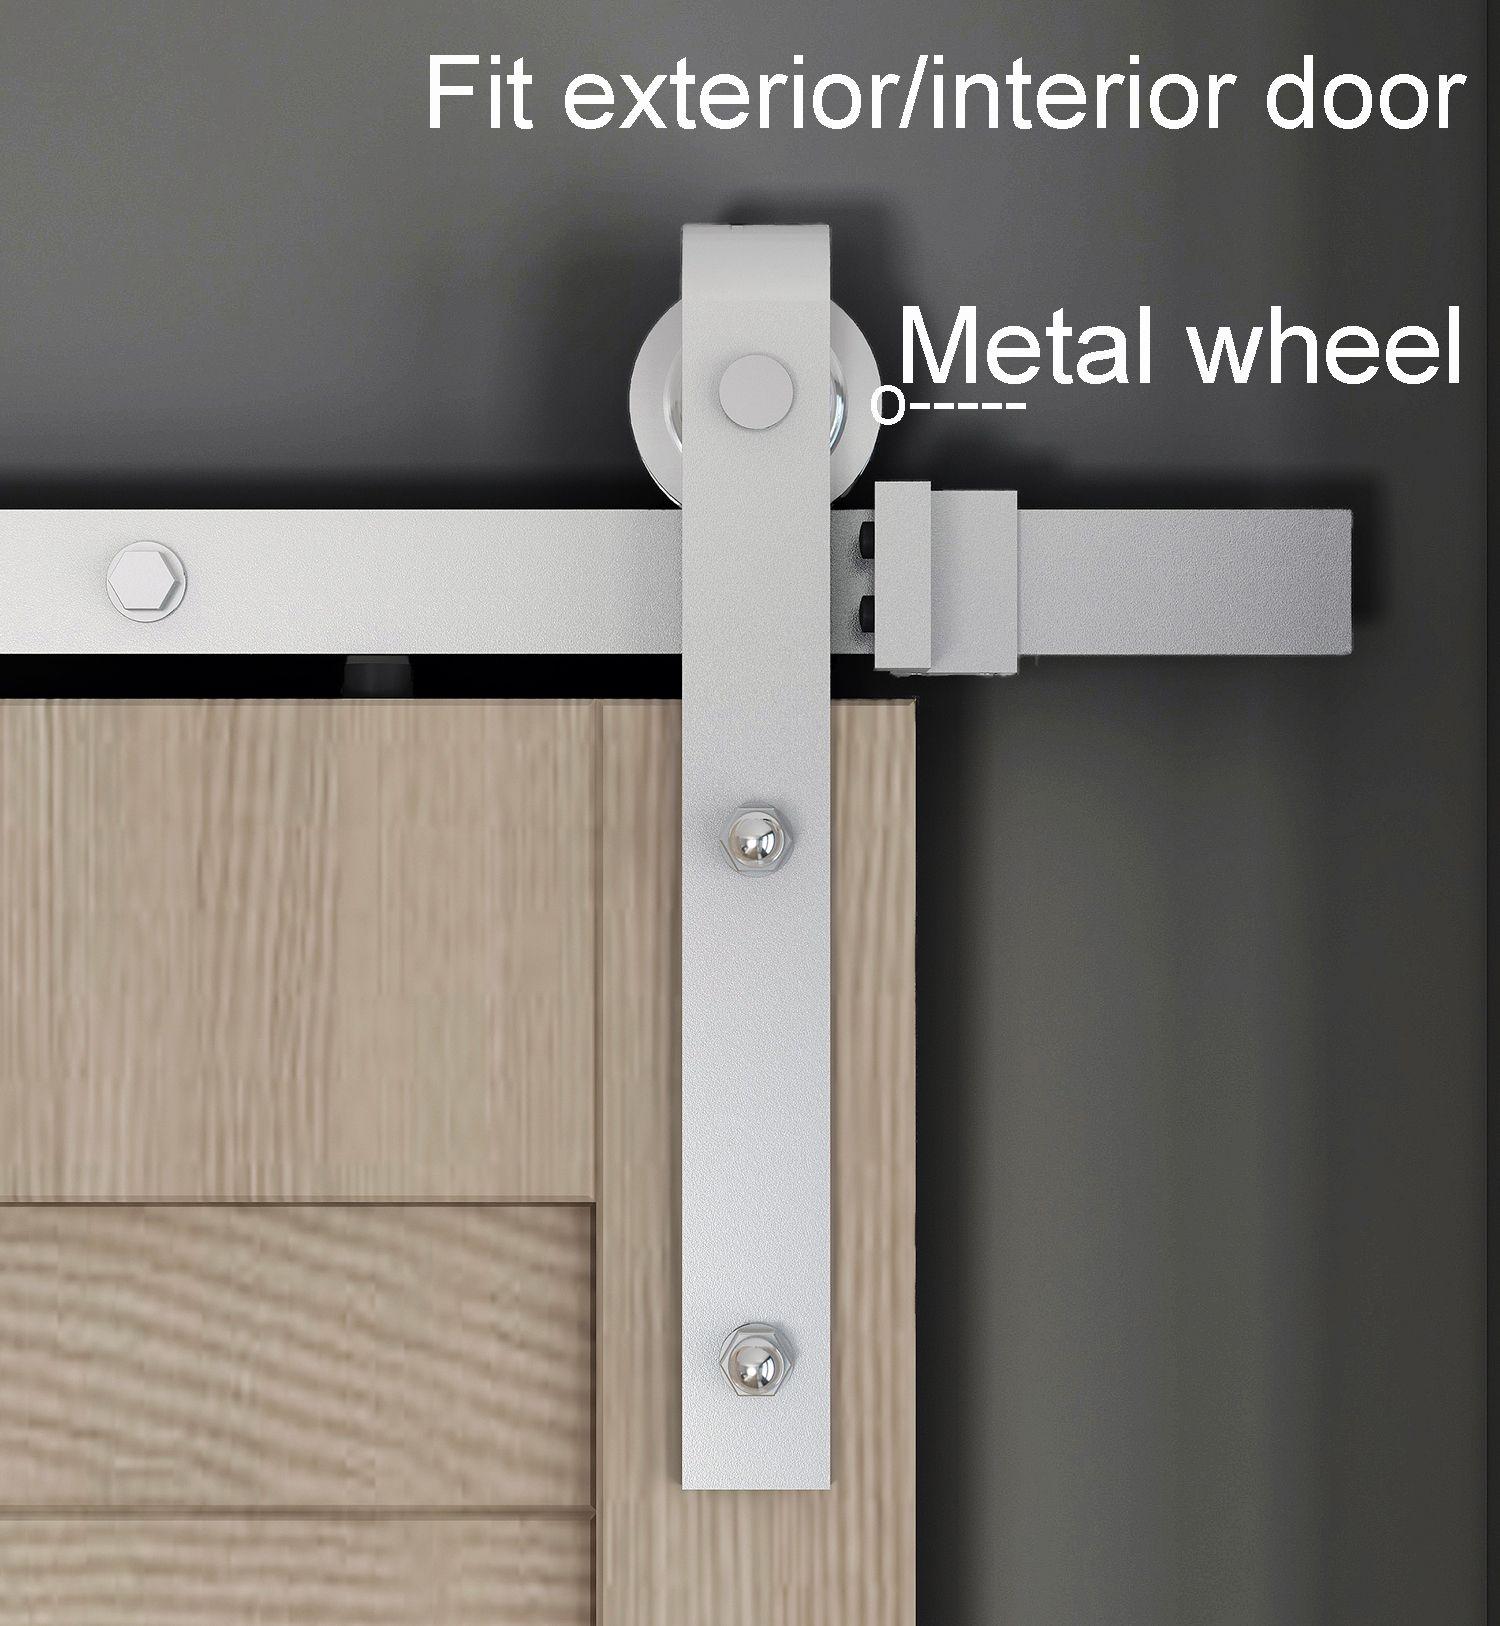 DIYHD 5FT-8FT DACROMET المواد الخام انزلاق باب الحظيرة الأجهزة، الأسطوانة المعدنية، صالح الخارجي الثقيلة باب الحظيرة